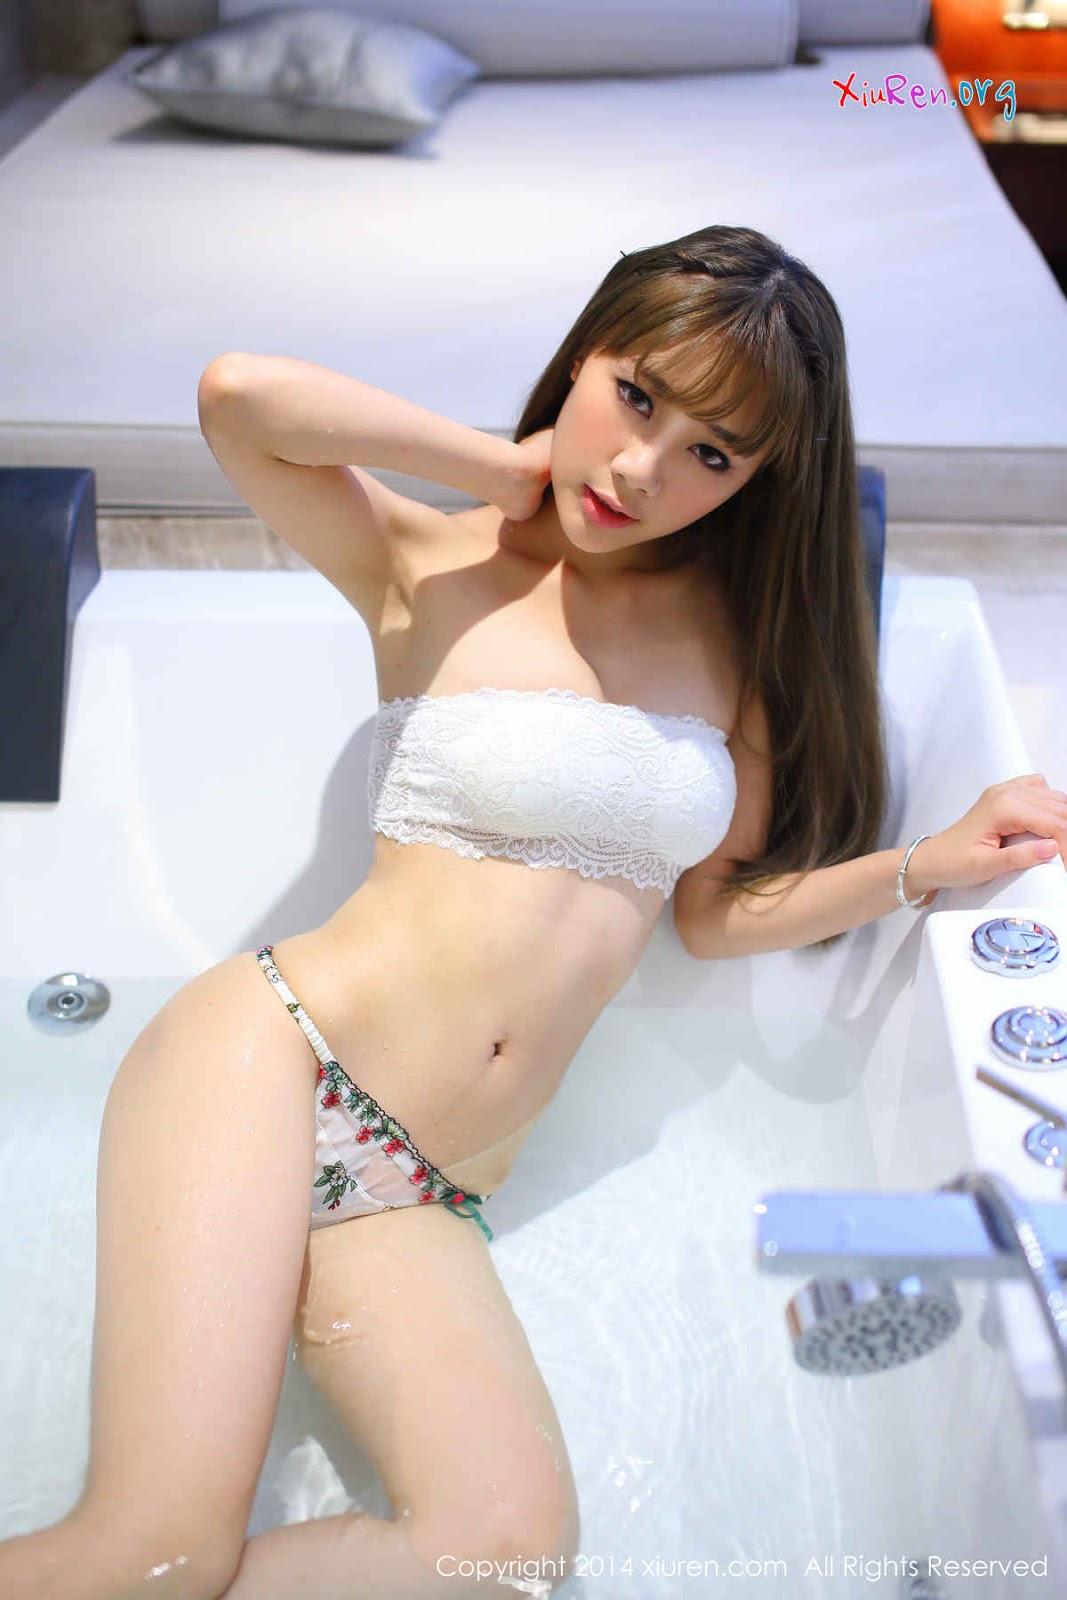 Ảnh gái đẹp HD Ngồi bên em phê chảy nước 2